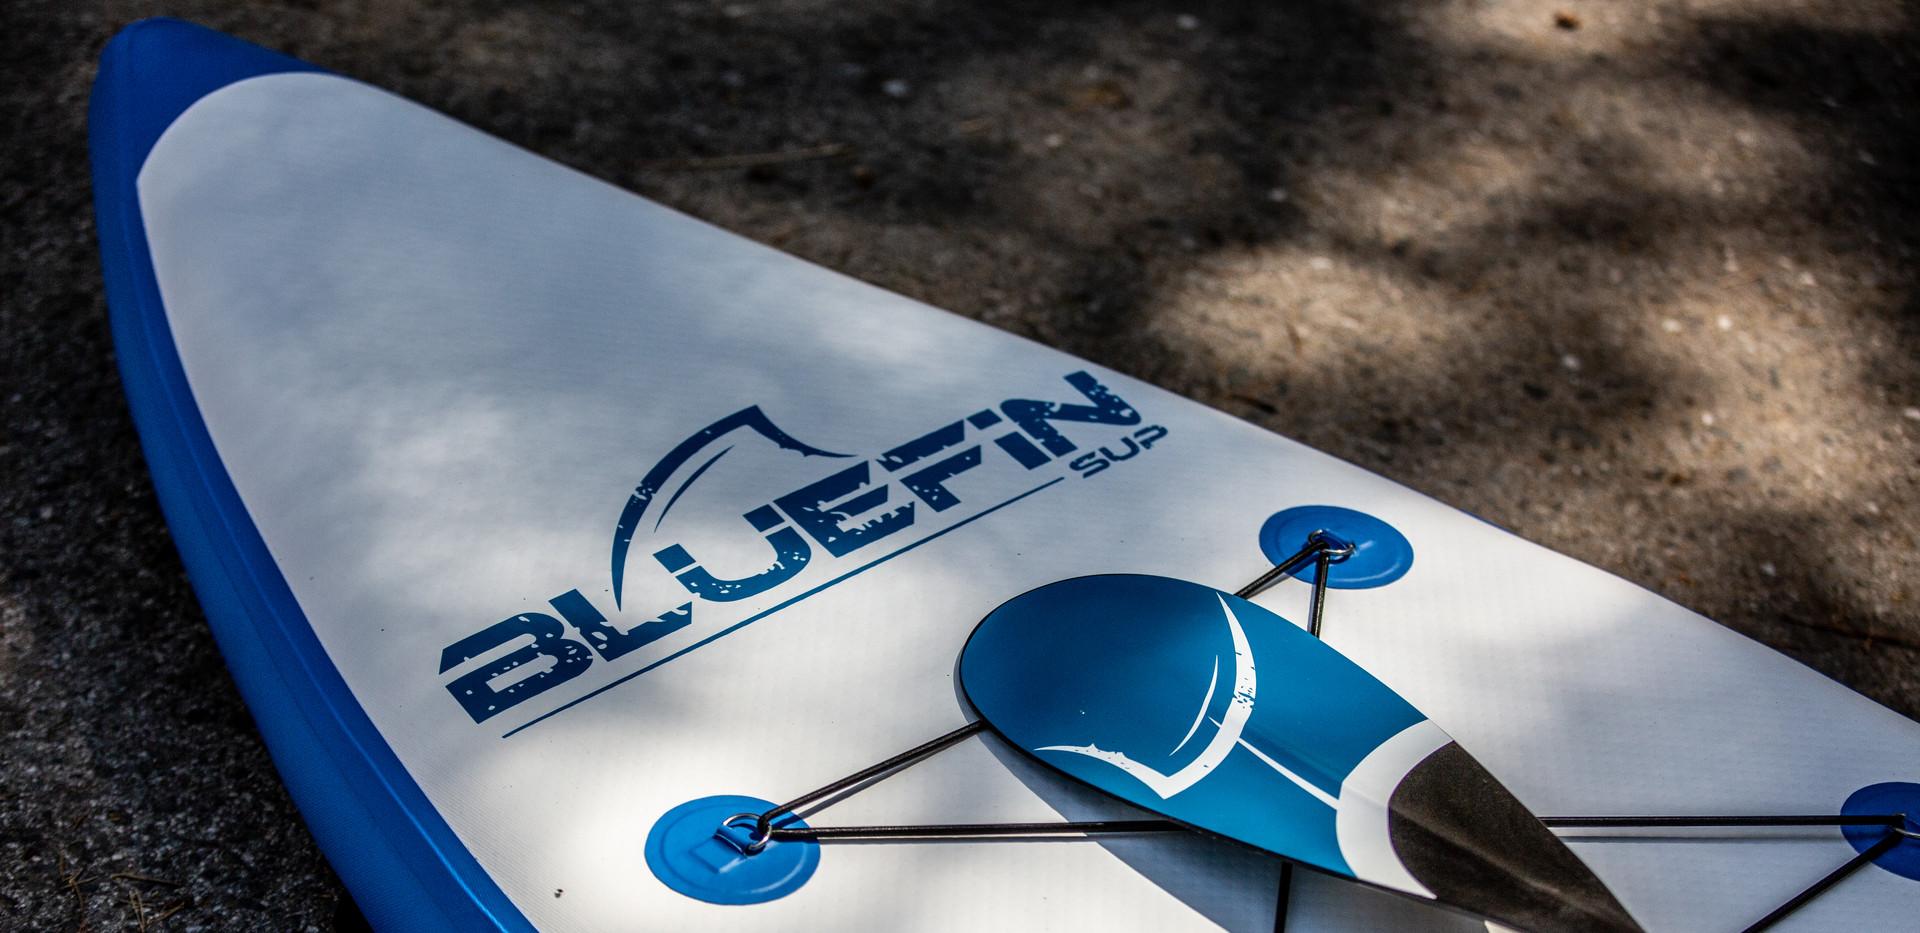 Bluefin SUPs